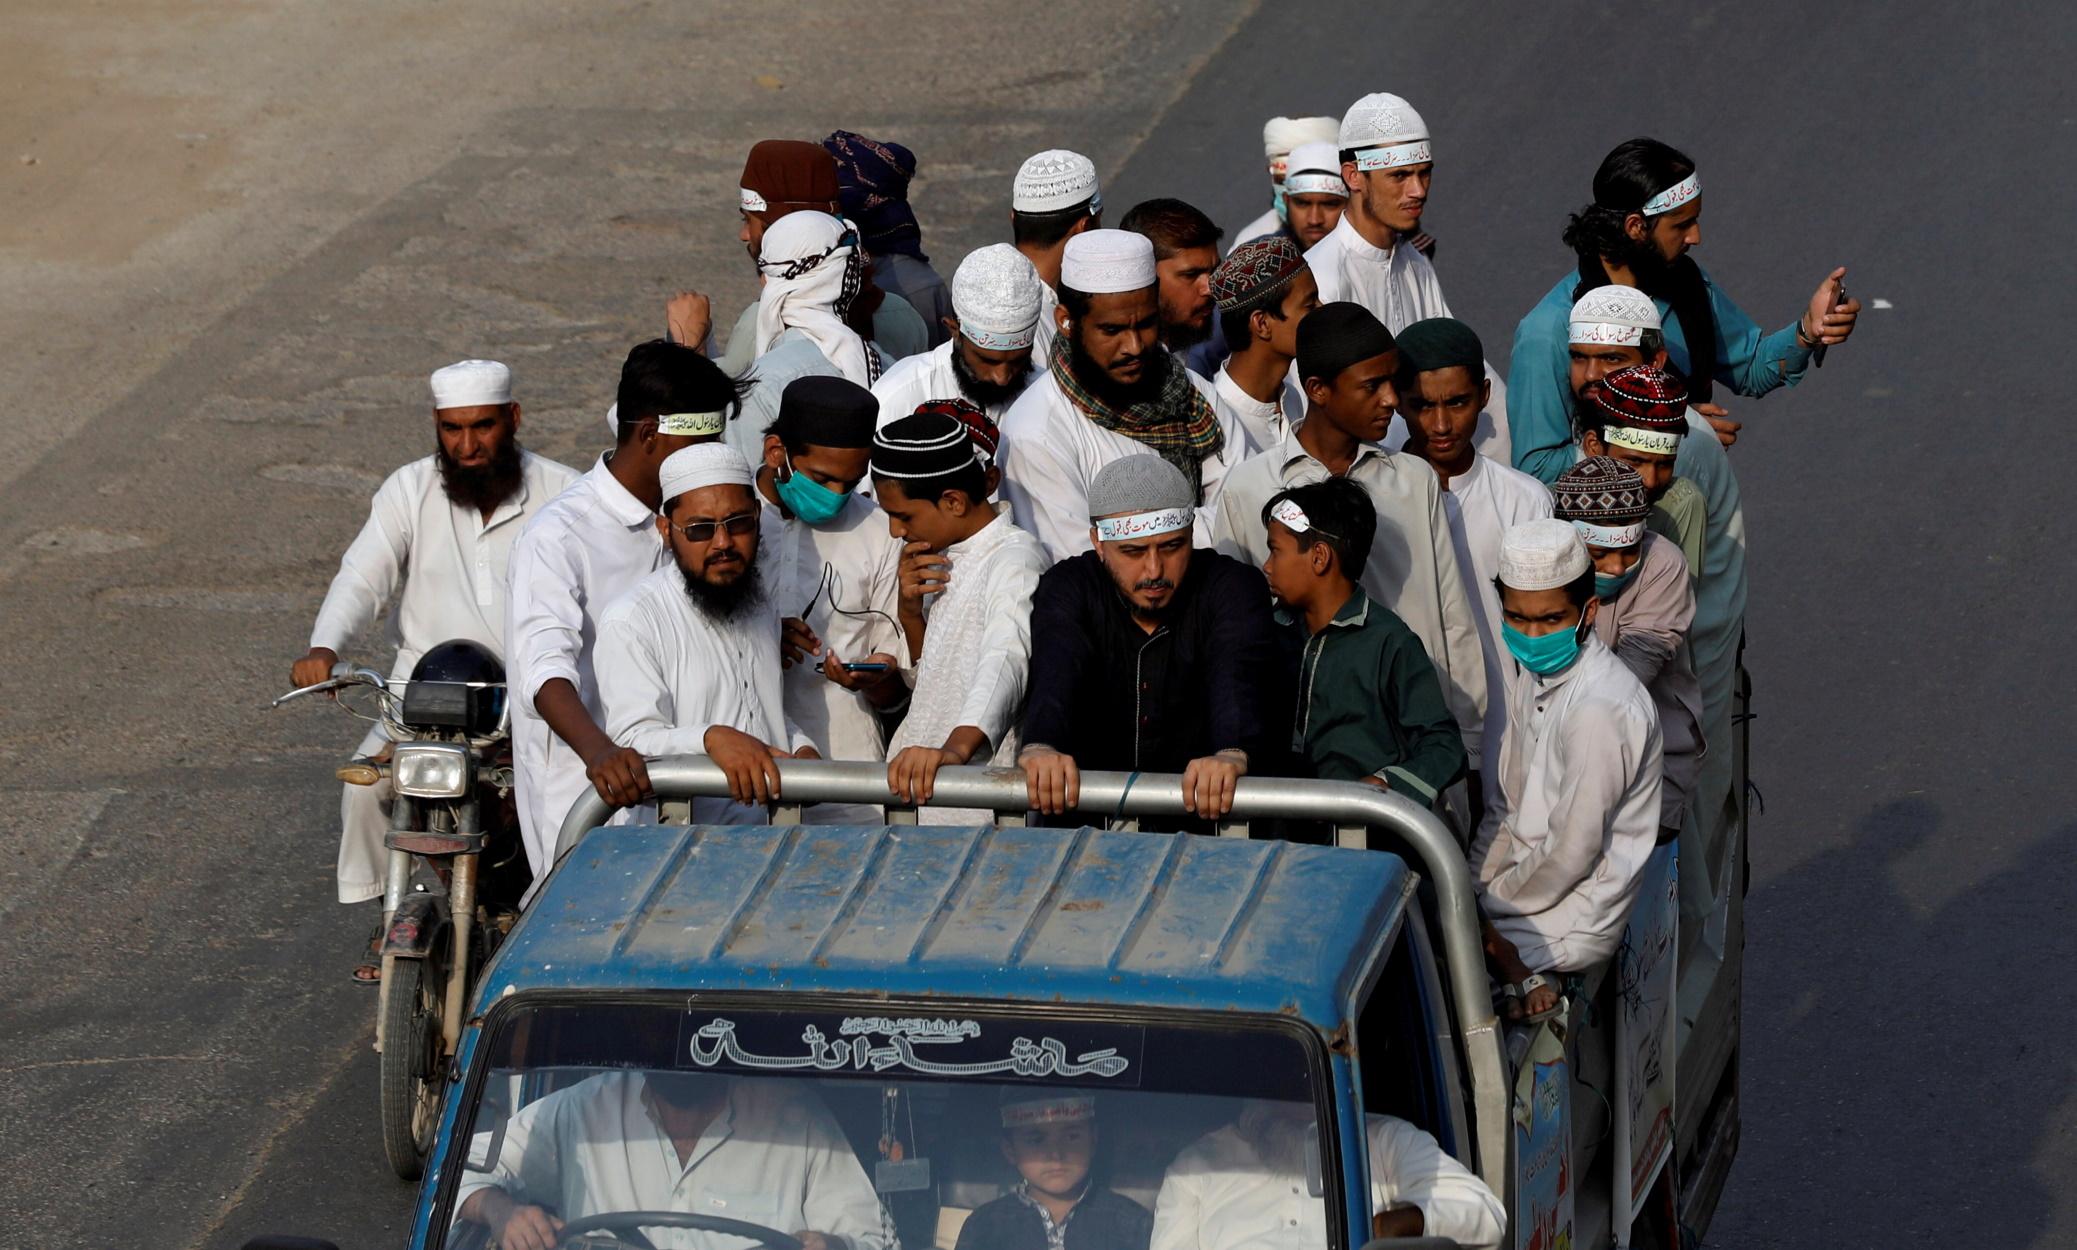 Τραγωδία στο Πακιστάν: 22 καλεσμένοι σε γάμο σκοτώθηκαν σε τροχαίο